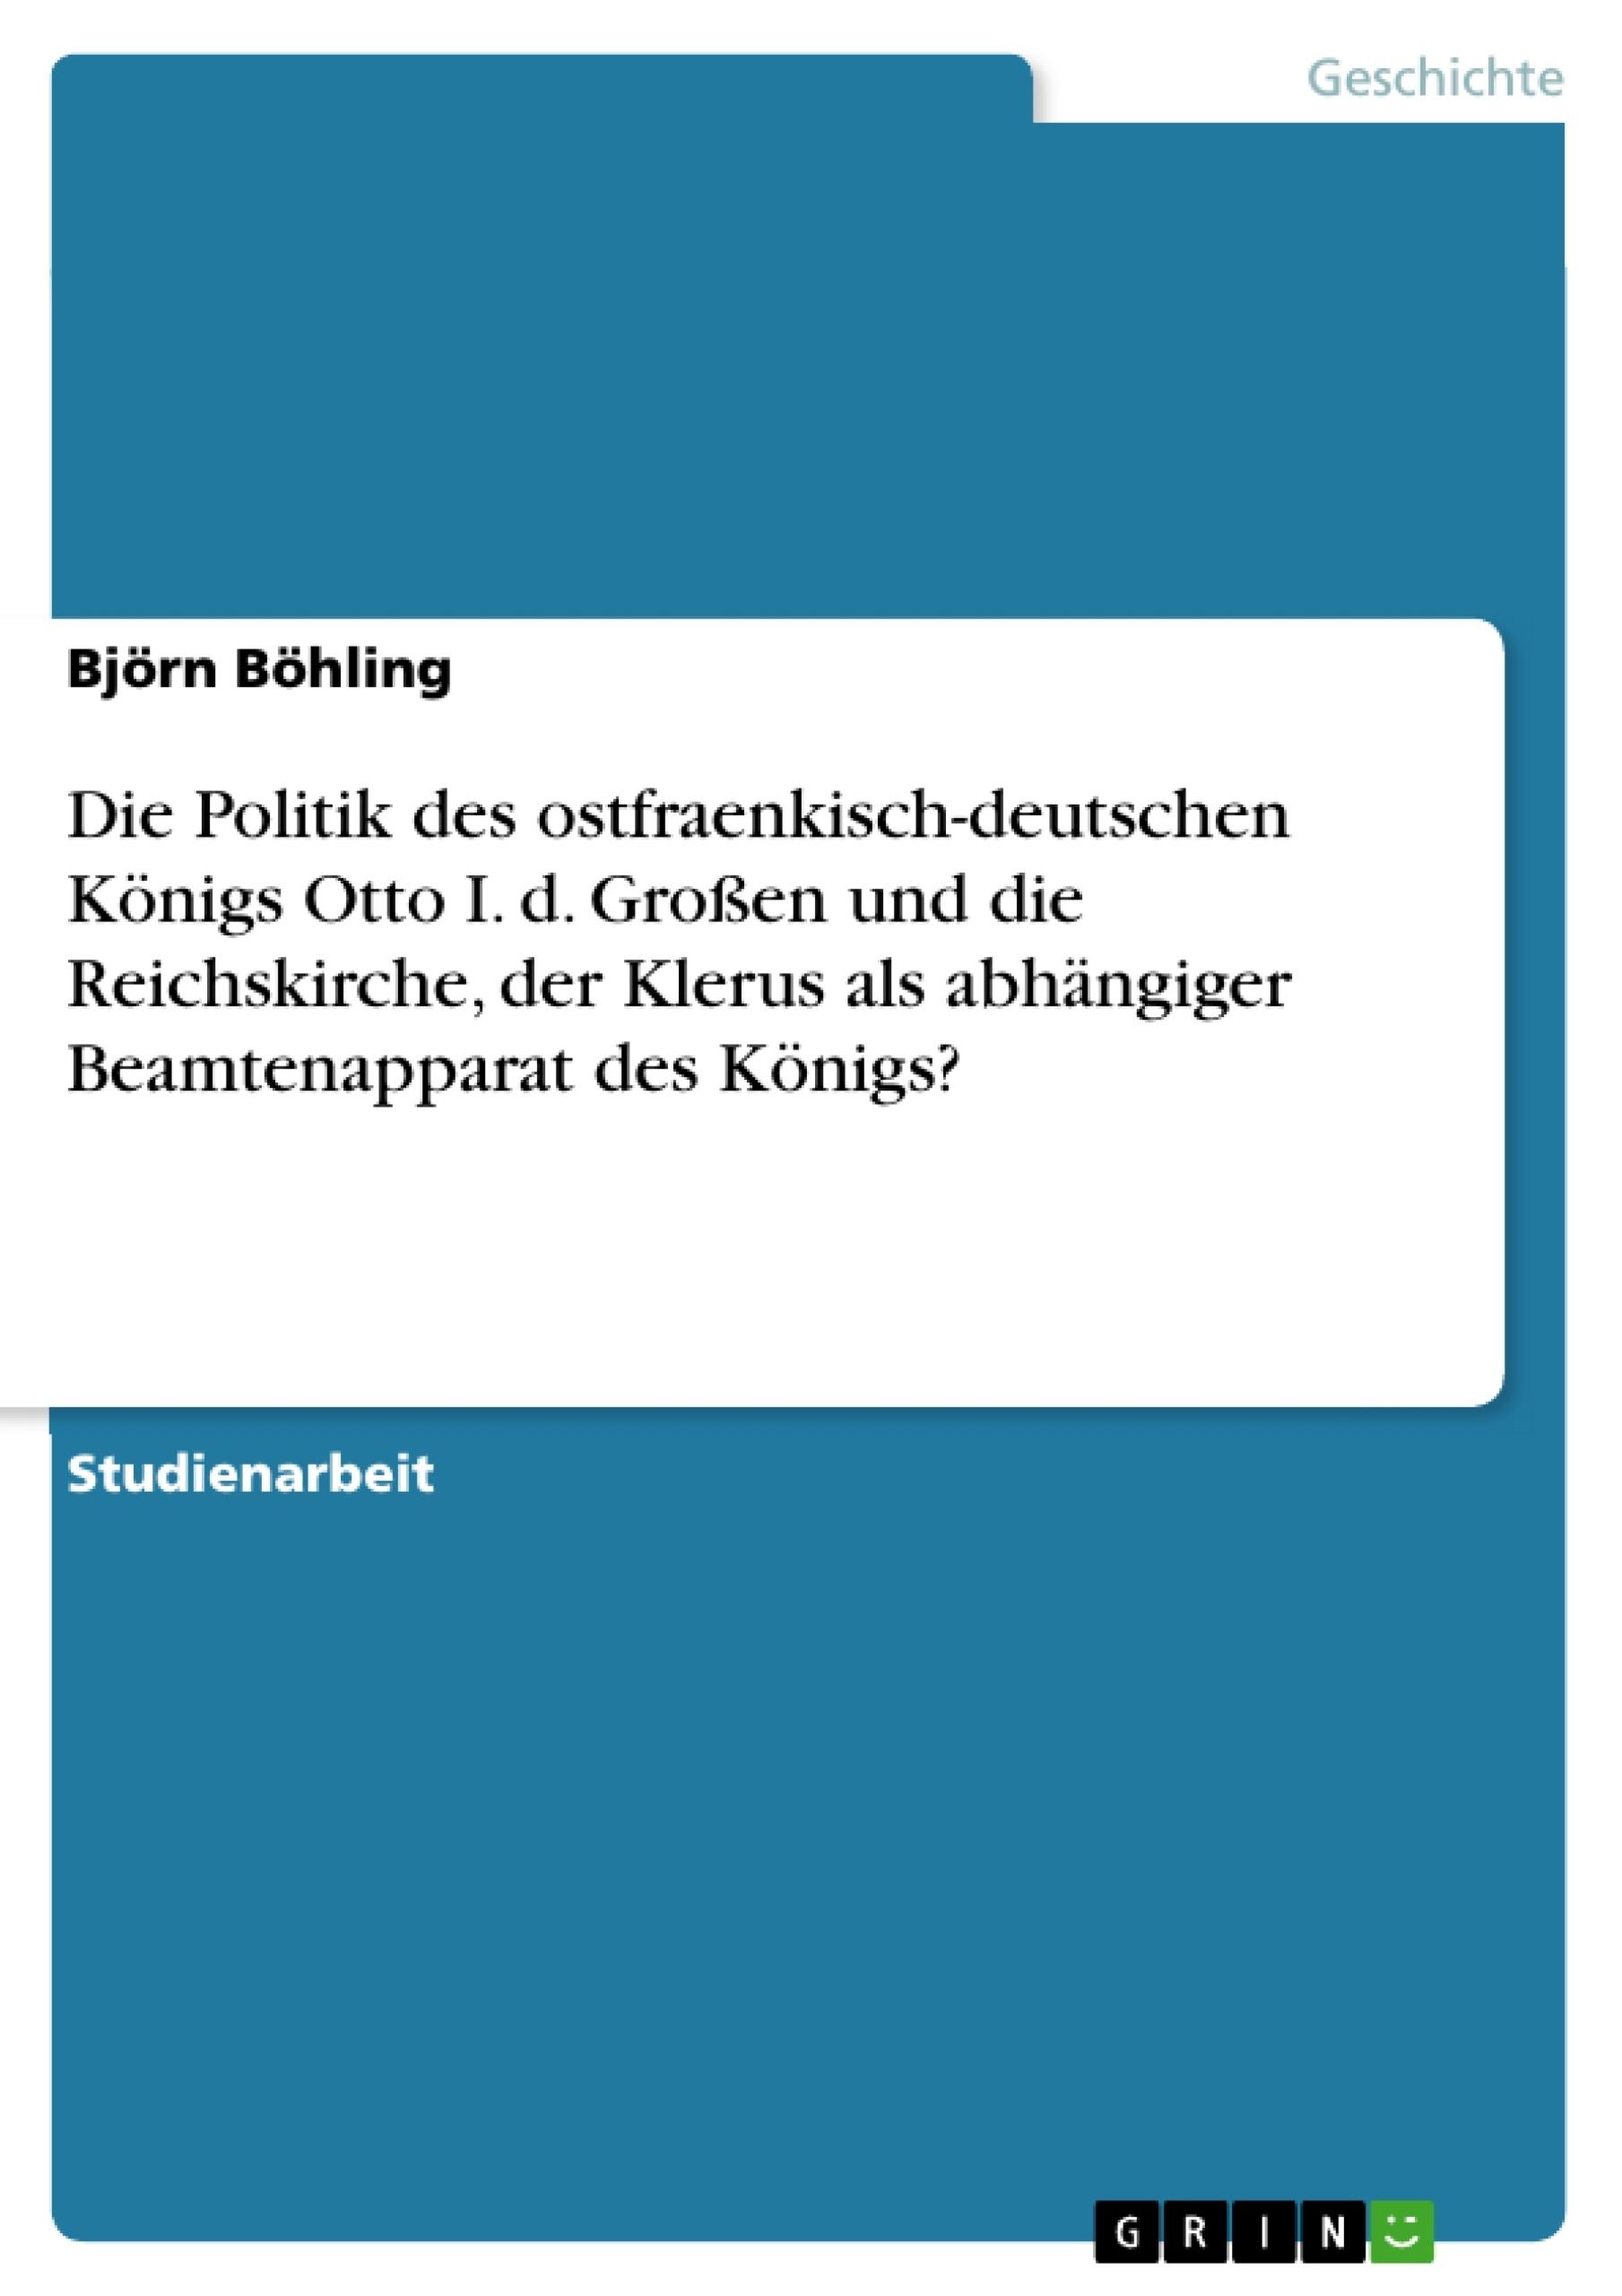 Titel: Die Politik des ostfraenkisch-deutschen Königs Otto I. d. Großen und die Reichskirche, der Klerus als abhängiger Beamtenapparat des Königs?